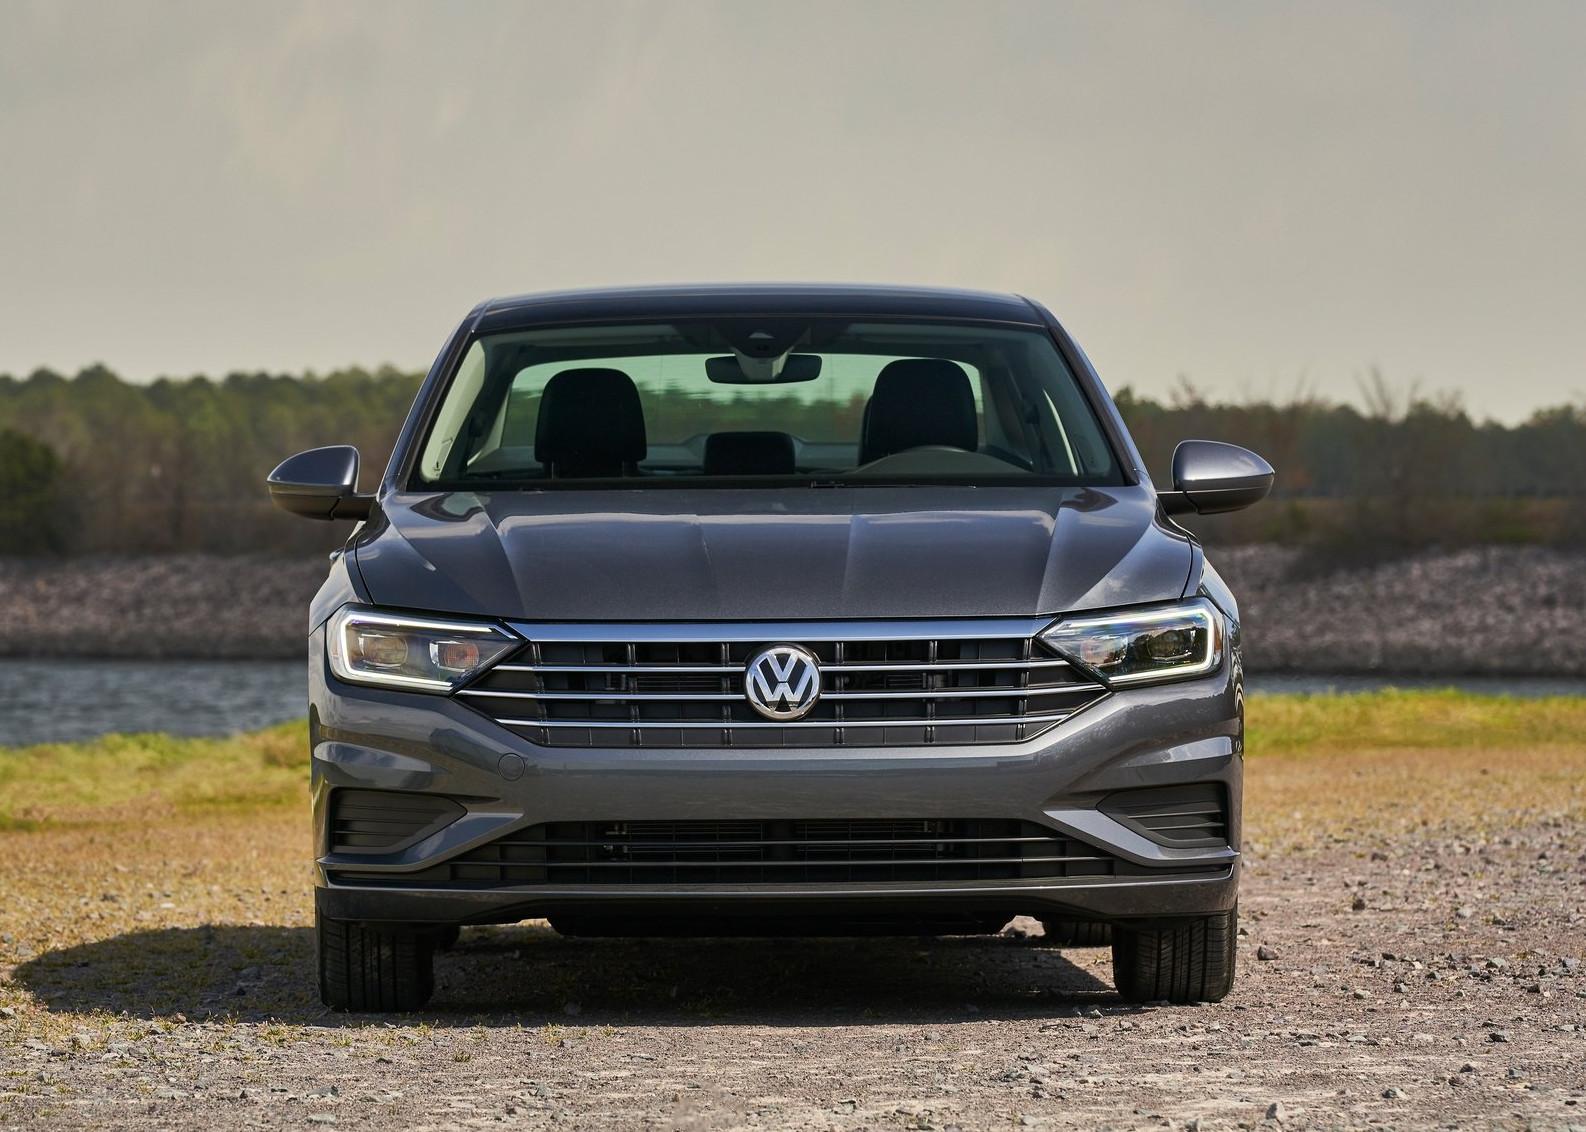 Volkswagen amplía garantía en vehículos nuevos